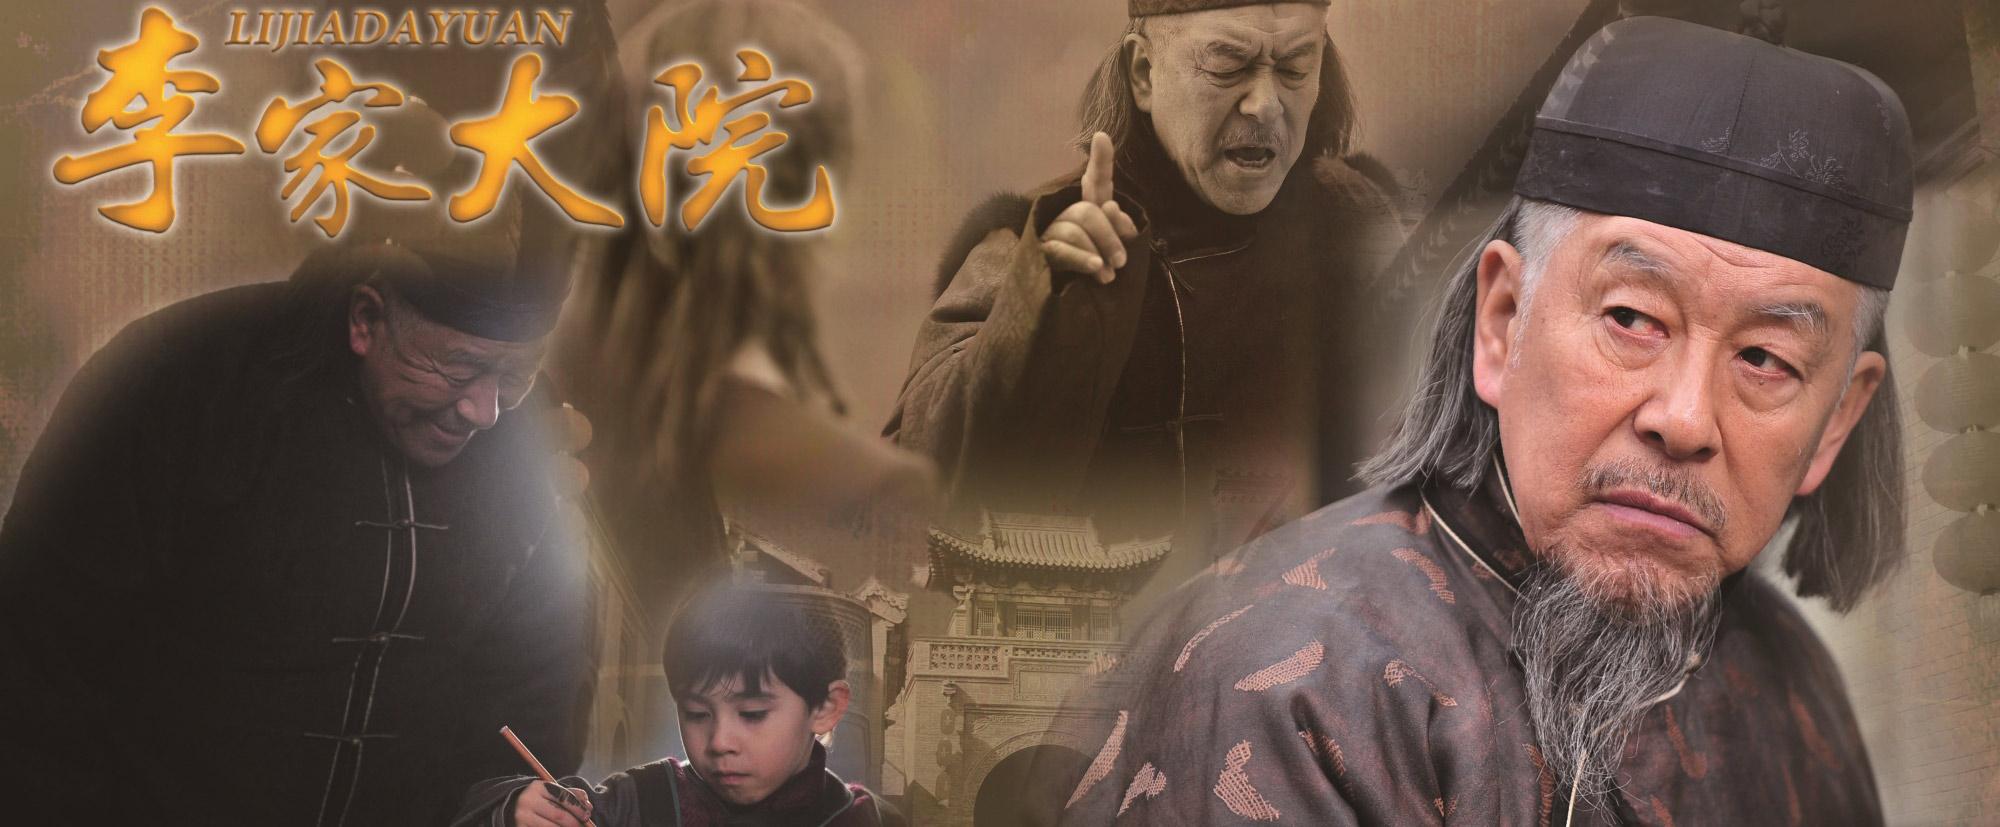 《举案齐眉姹紫嫣红》制片人侯彦军力挺郭靖宇